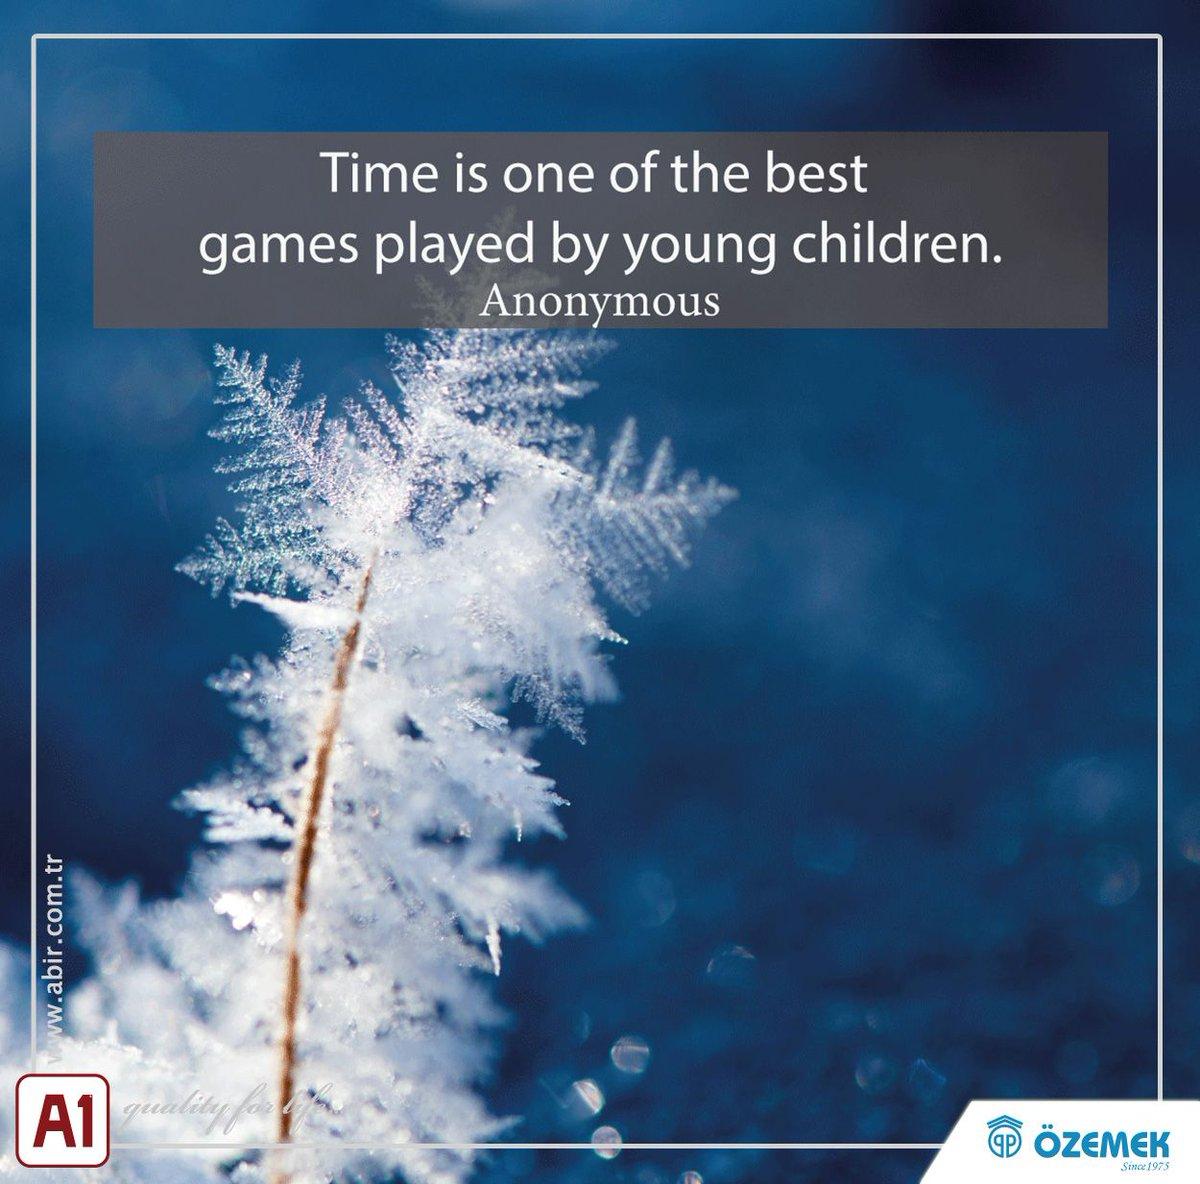 Time is one of the best games played by young children. . Zaman küçük olan çocuklar tarafından oynanan en iyi oyunlardan biridir. . #Günaydın #GoodMorning #A1 #Anonim #Zaman #depth #Özemek #A1PvcMarket #dekorasyon #decoration #mobilya #furniture #kitchen #mutfak #manufacturer